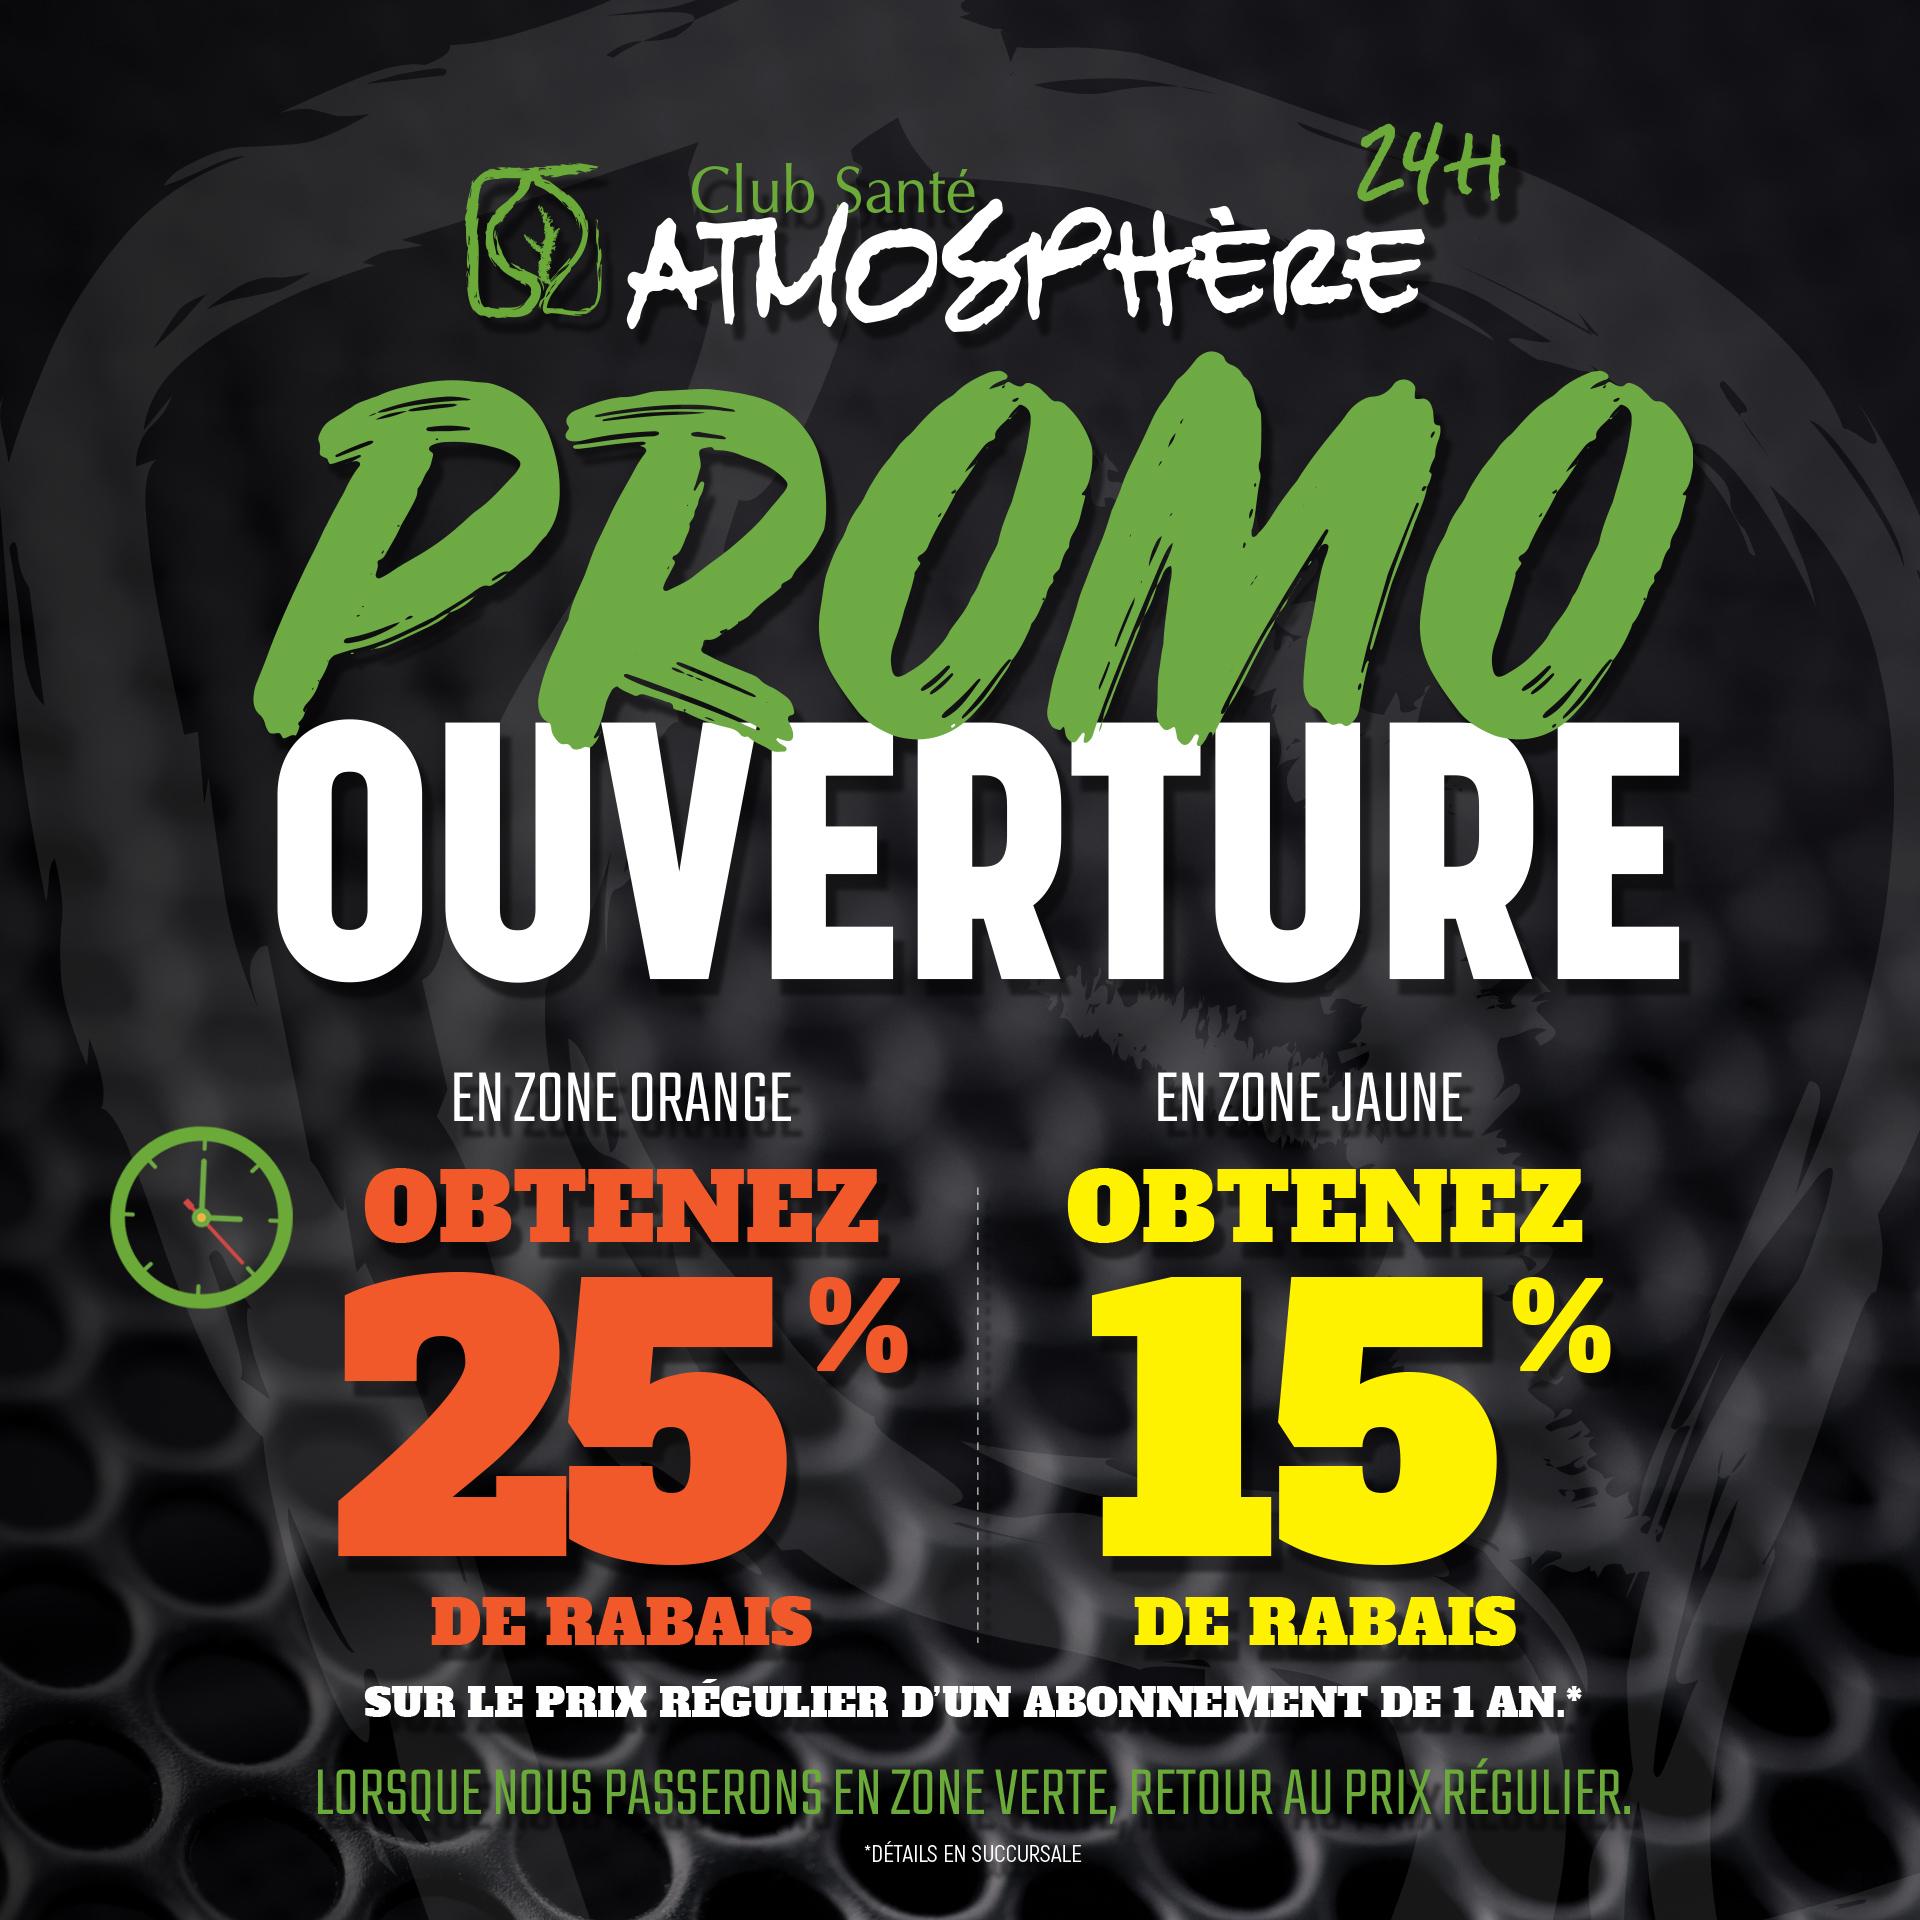 PROMO-OUVERTURE_WEB_02